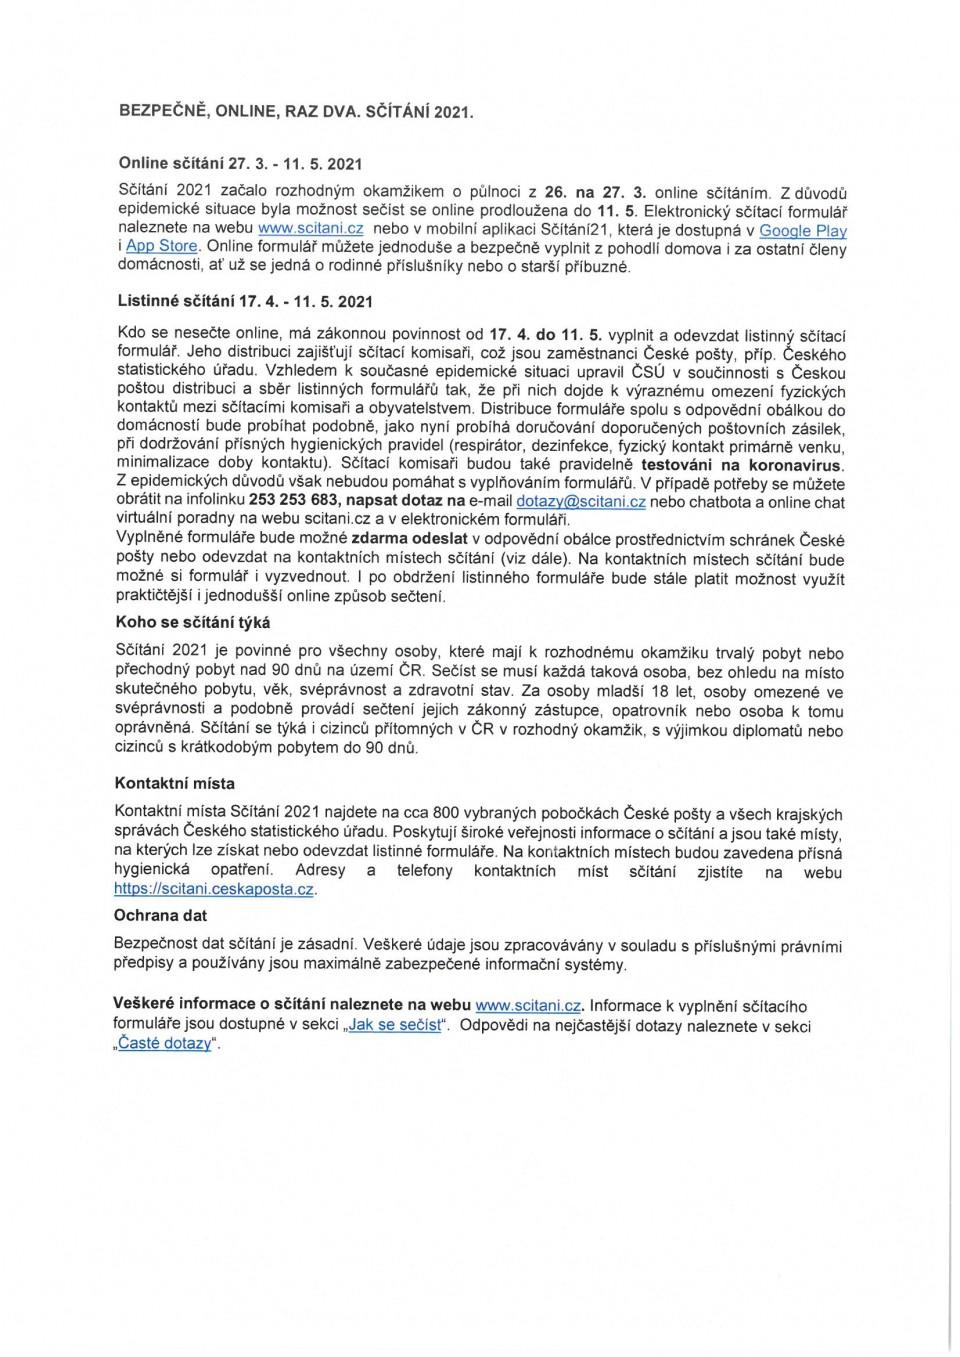 prodlouzeni-moznosti-secist-se-online-az-do-1152021